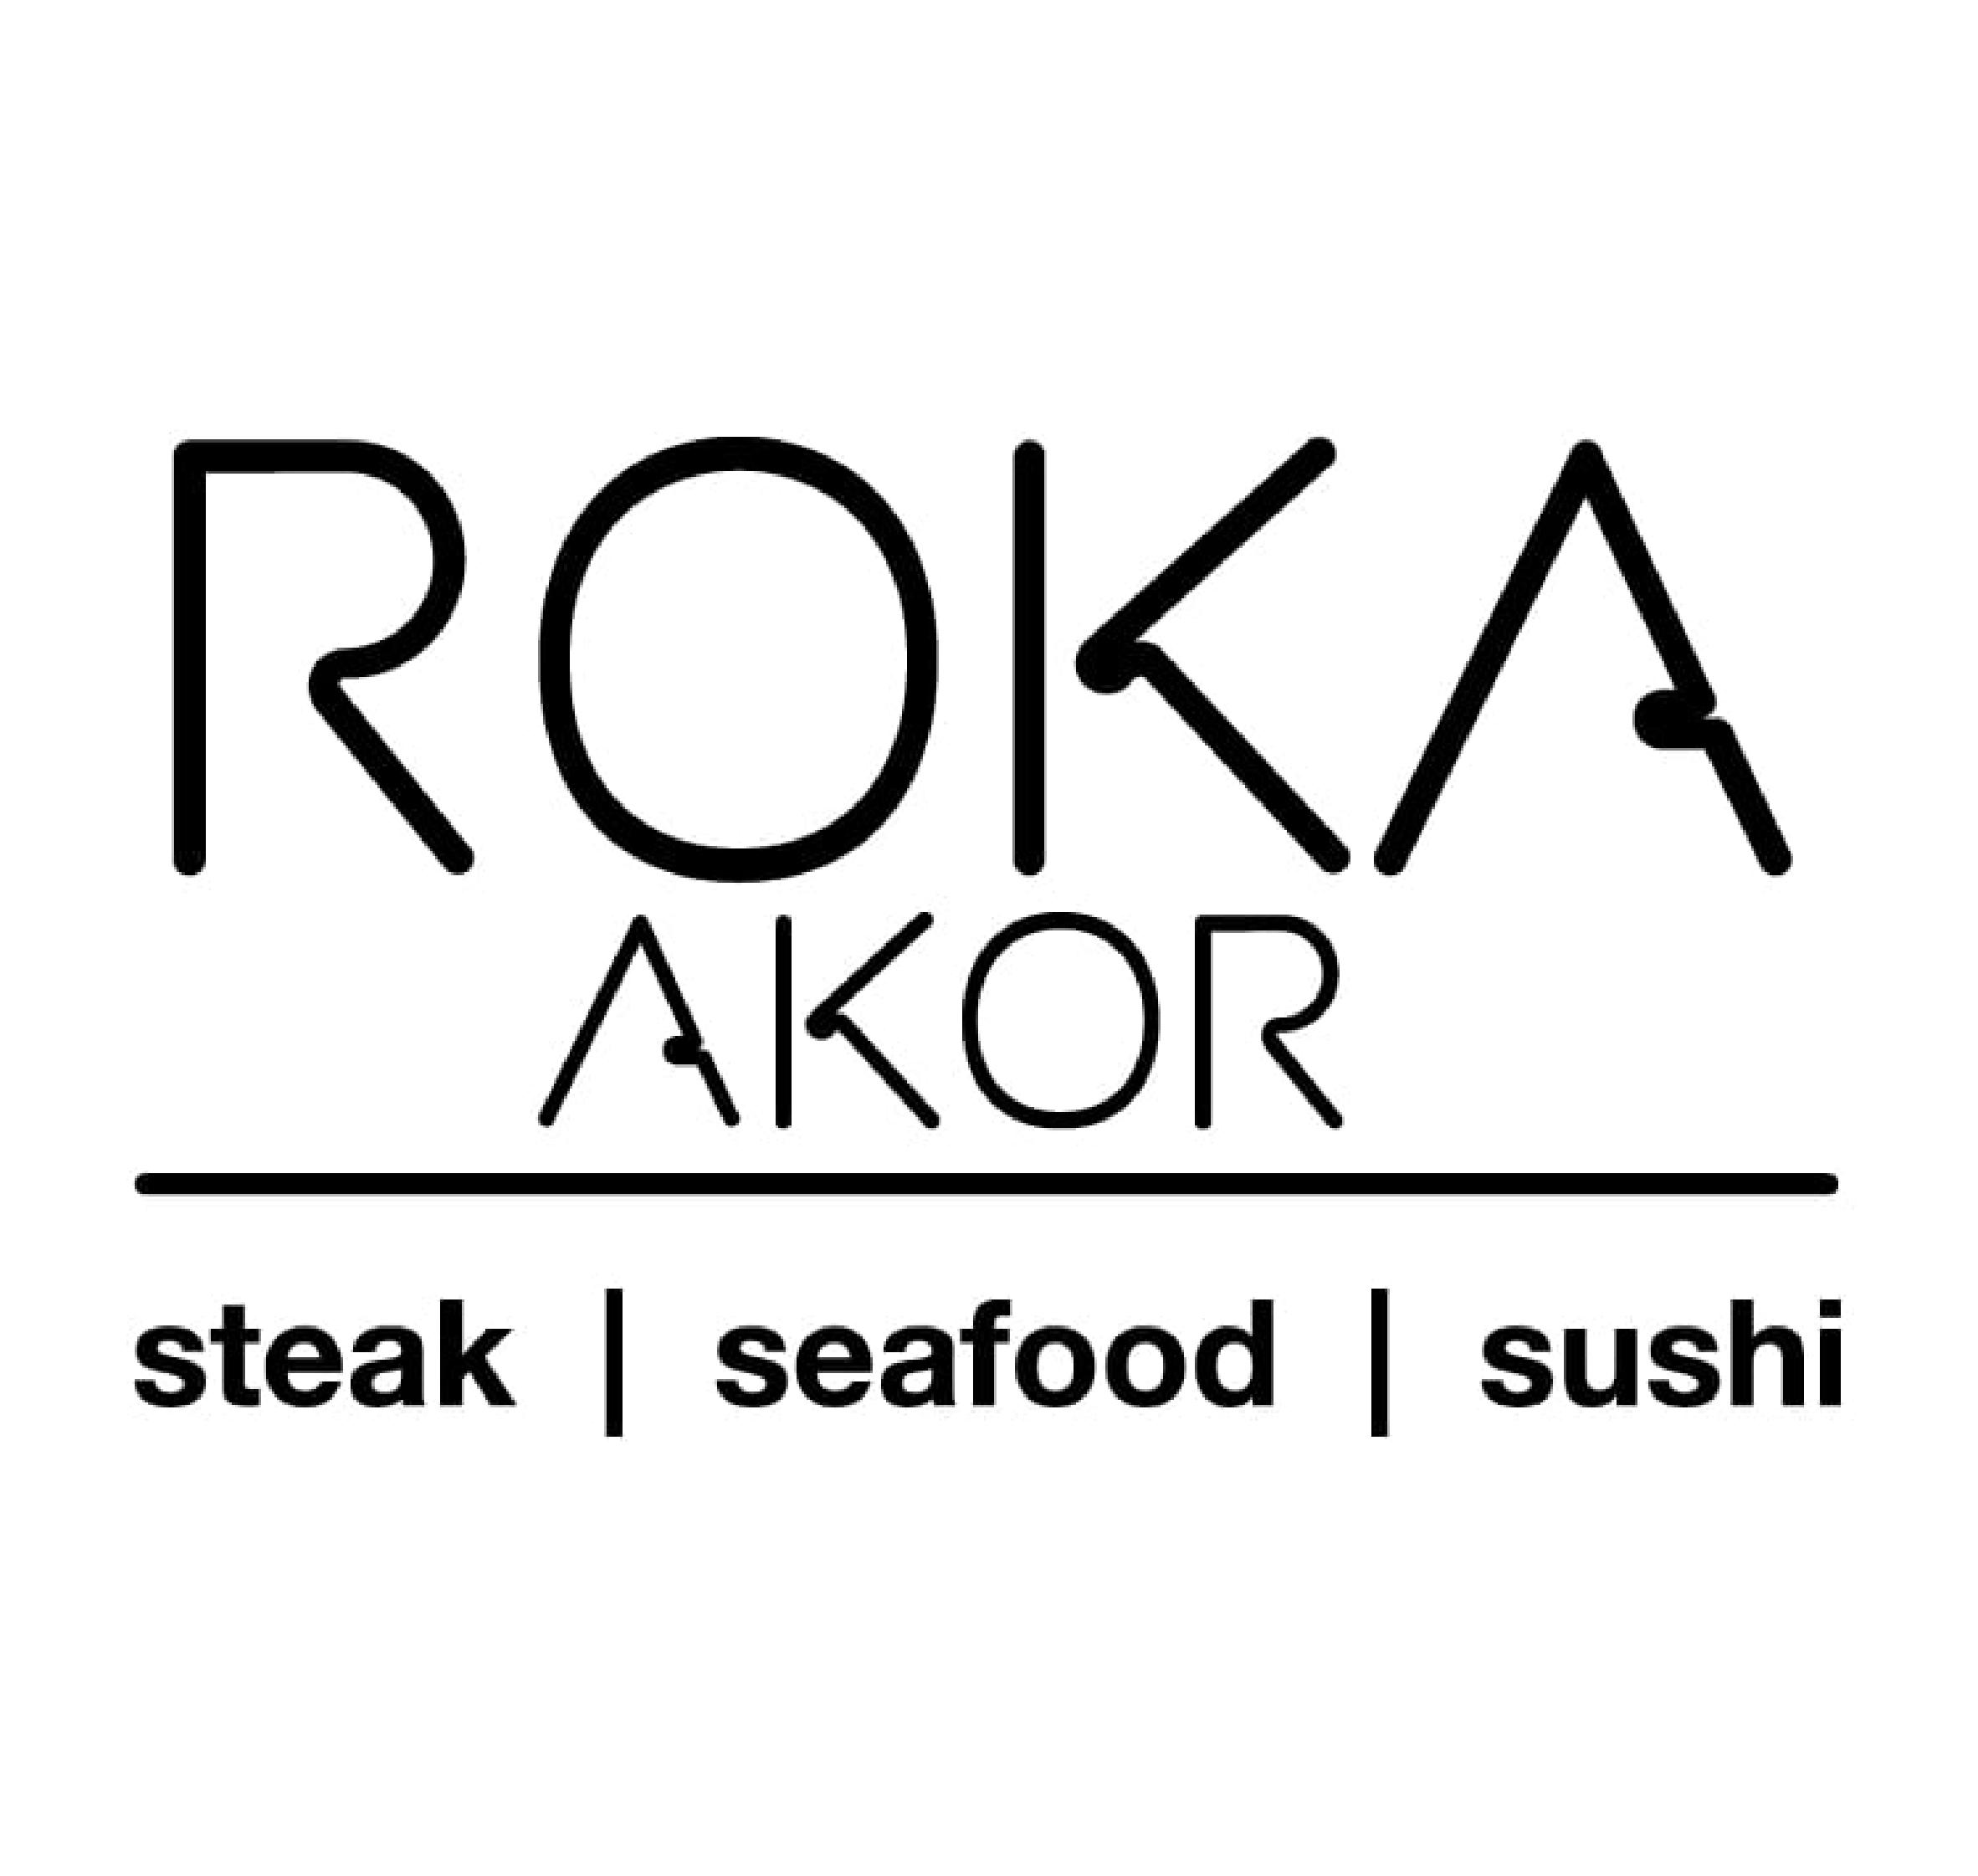 ROKA AKOR - OAK BROOK